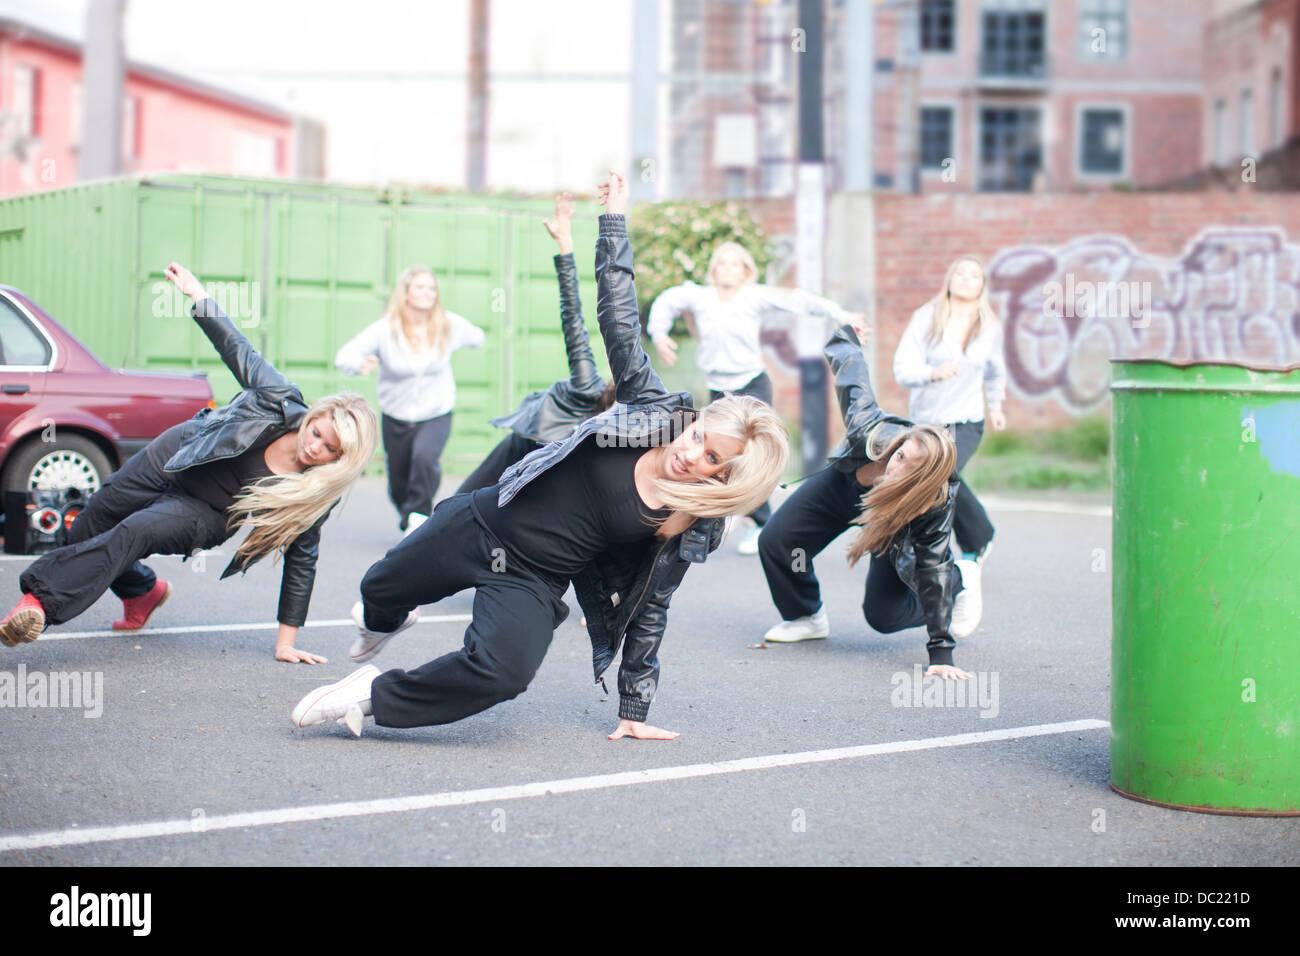 Ragazze praticanti mosse di danza in parcheggio Immagini Stock